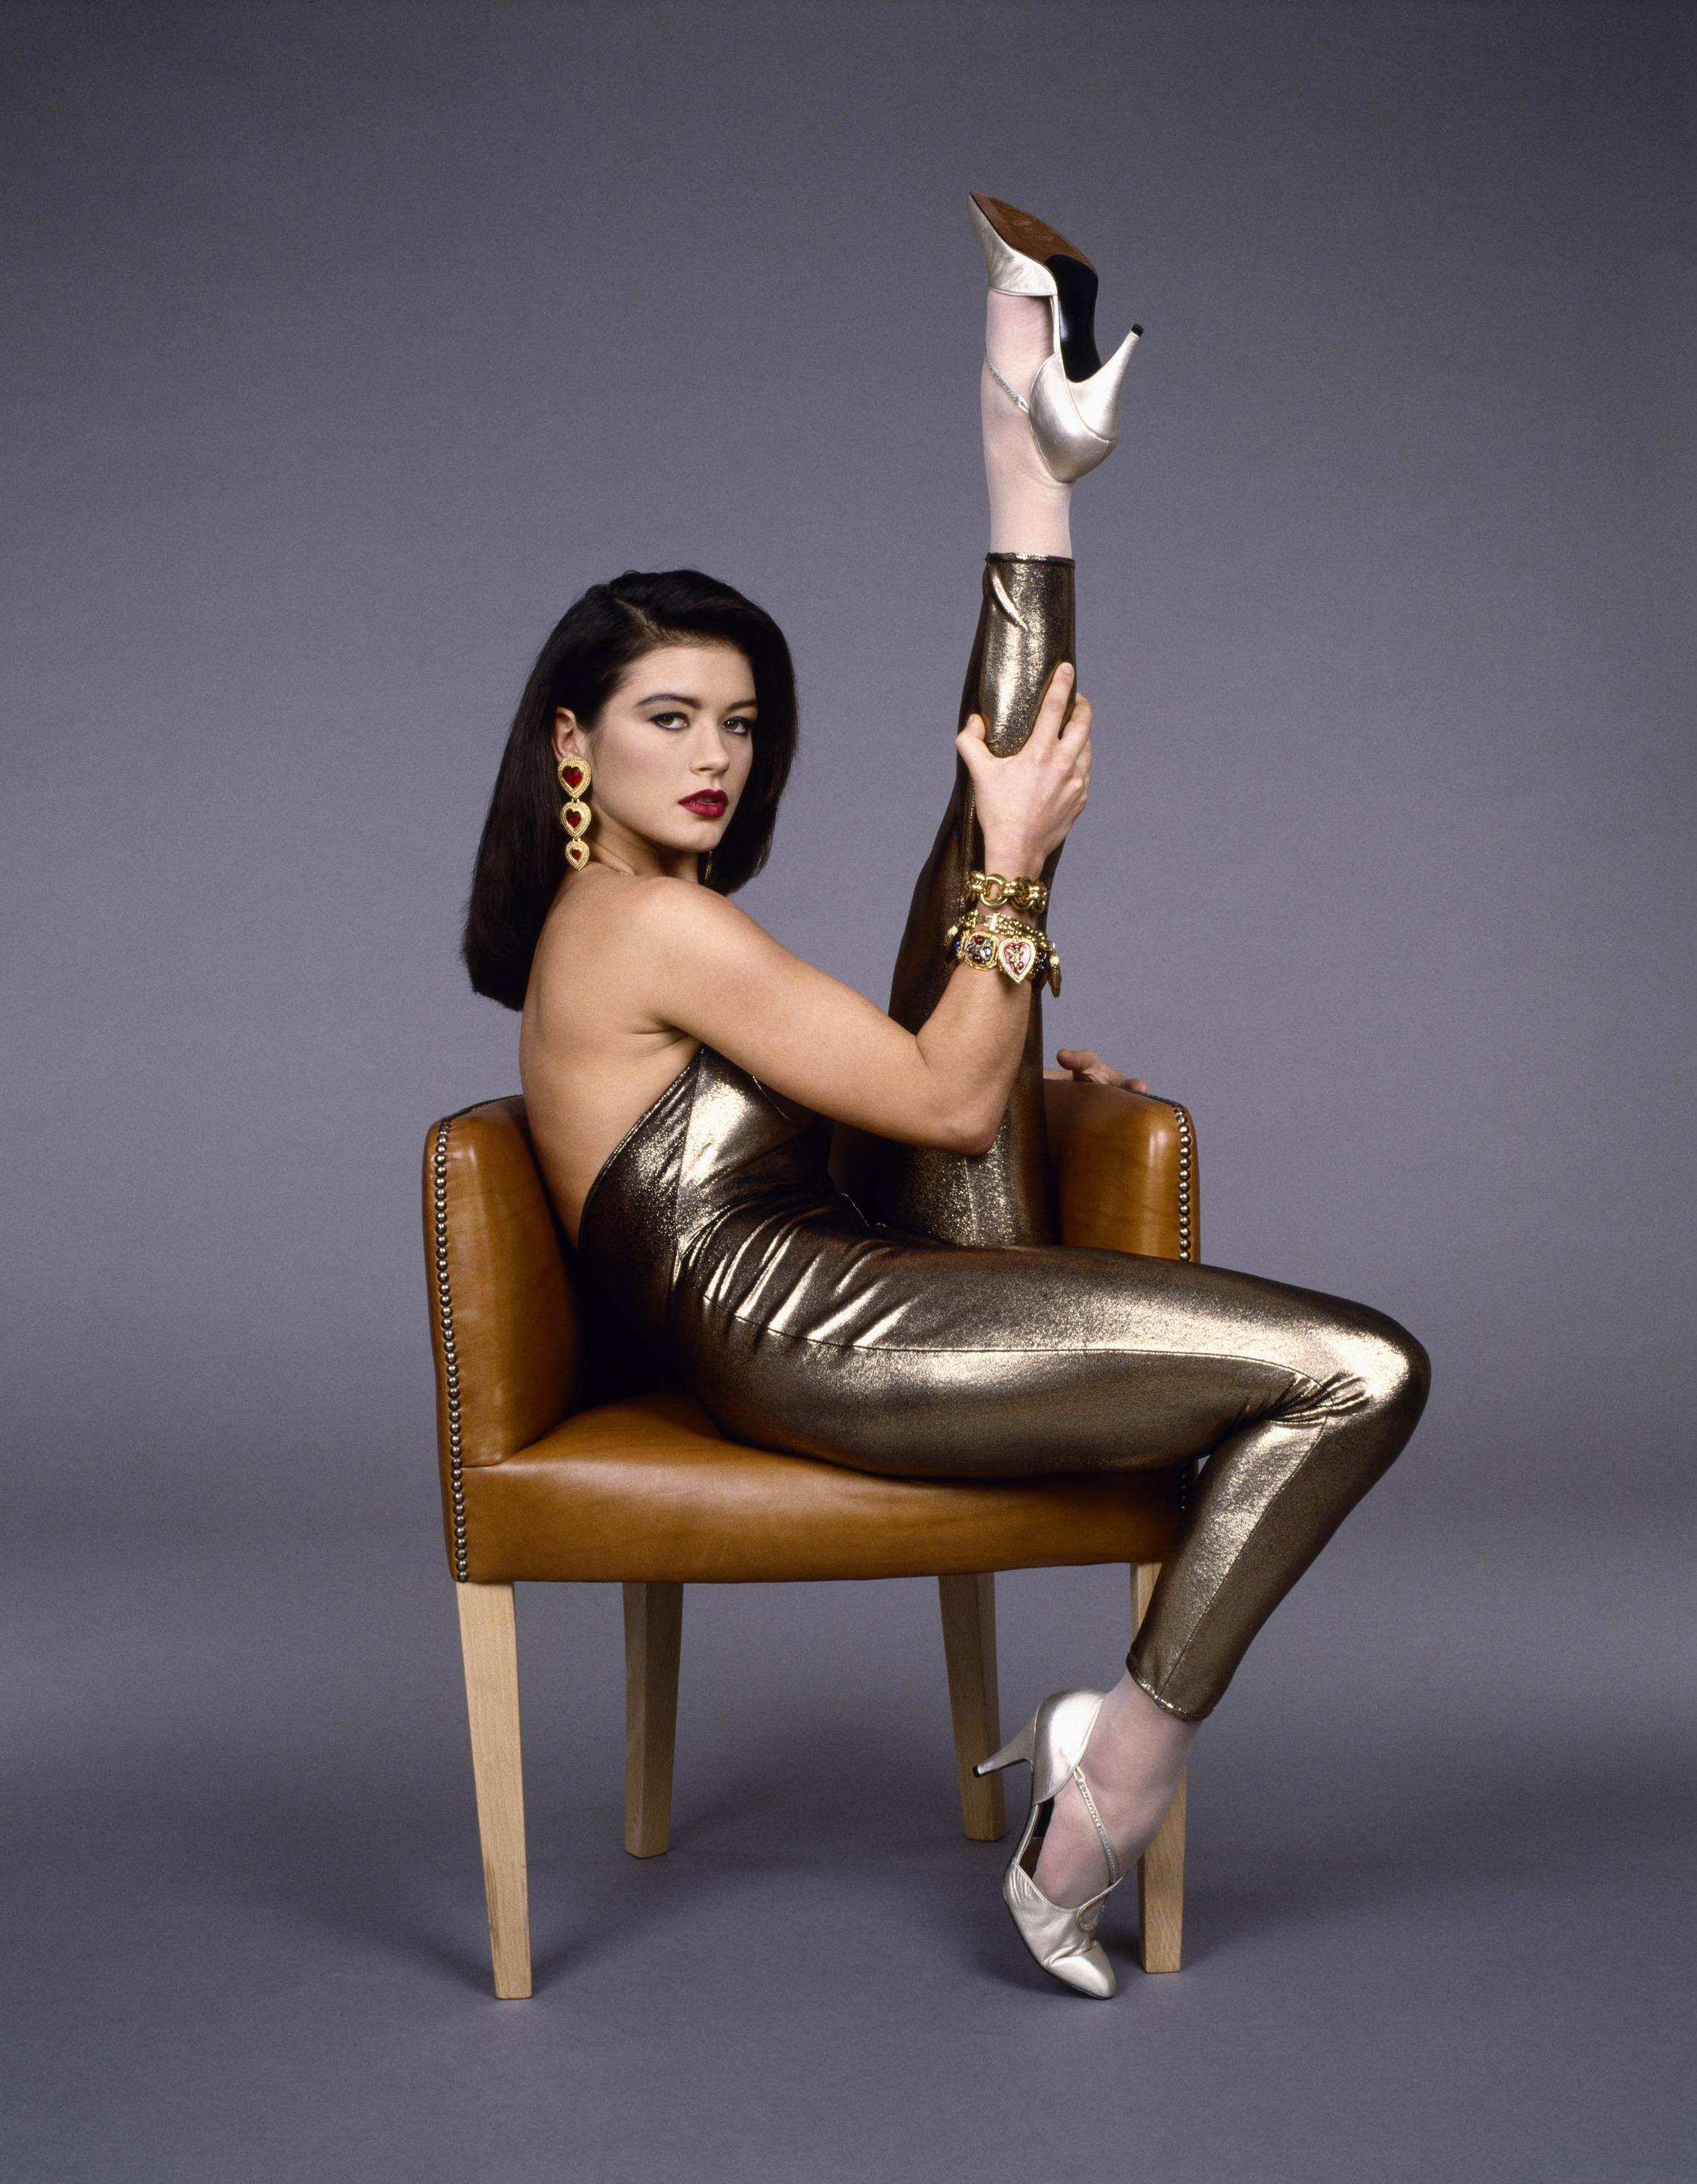 Catherine Zeta Jones Photo 204 Of 791 Pics Wallpaper